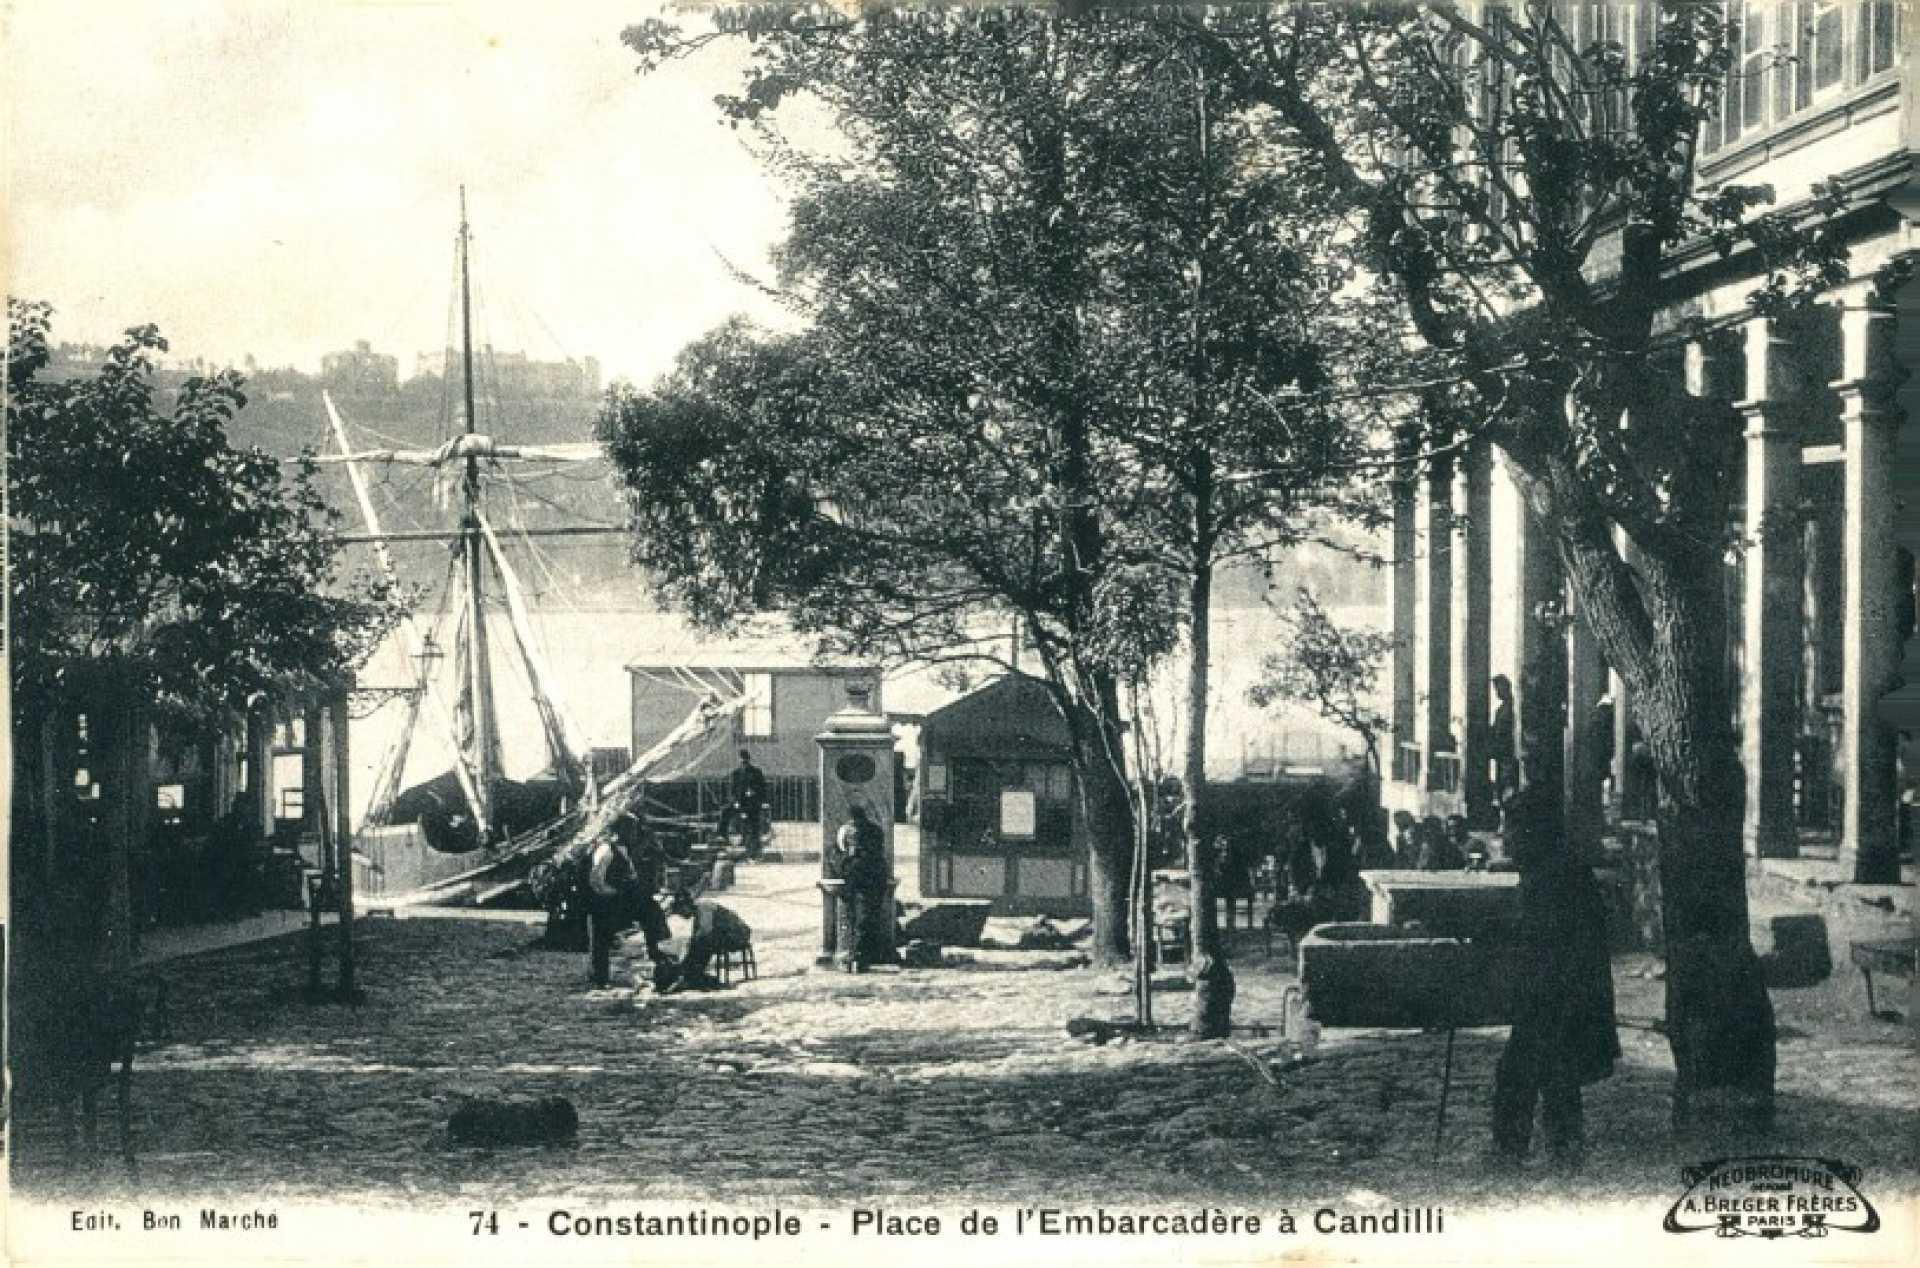 Constantinople – Place de l'Embarcadere a Candilli